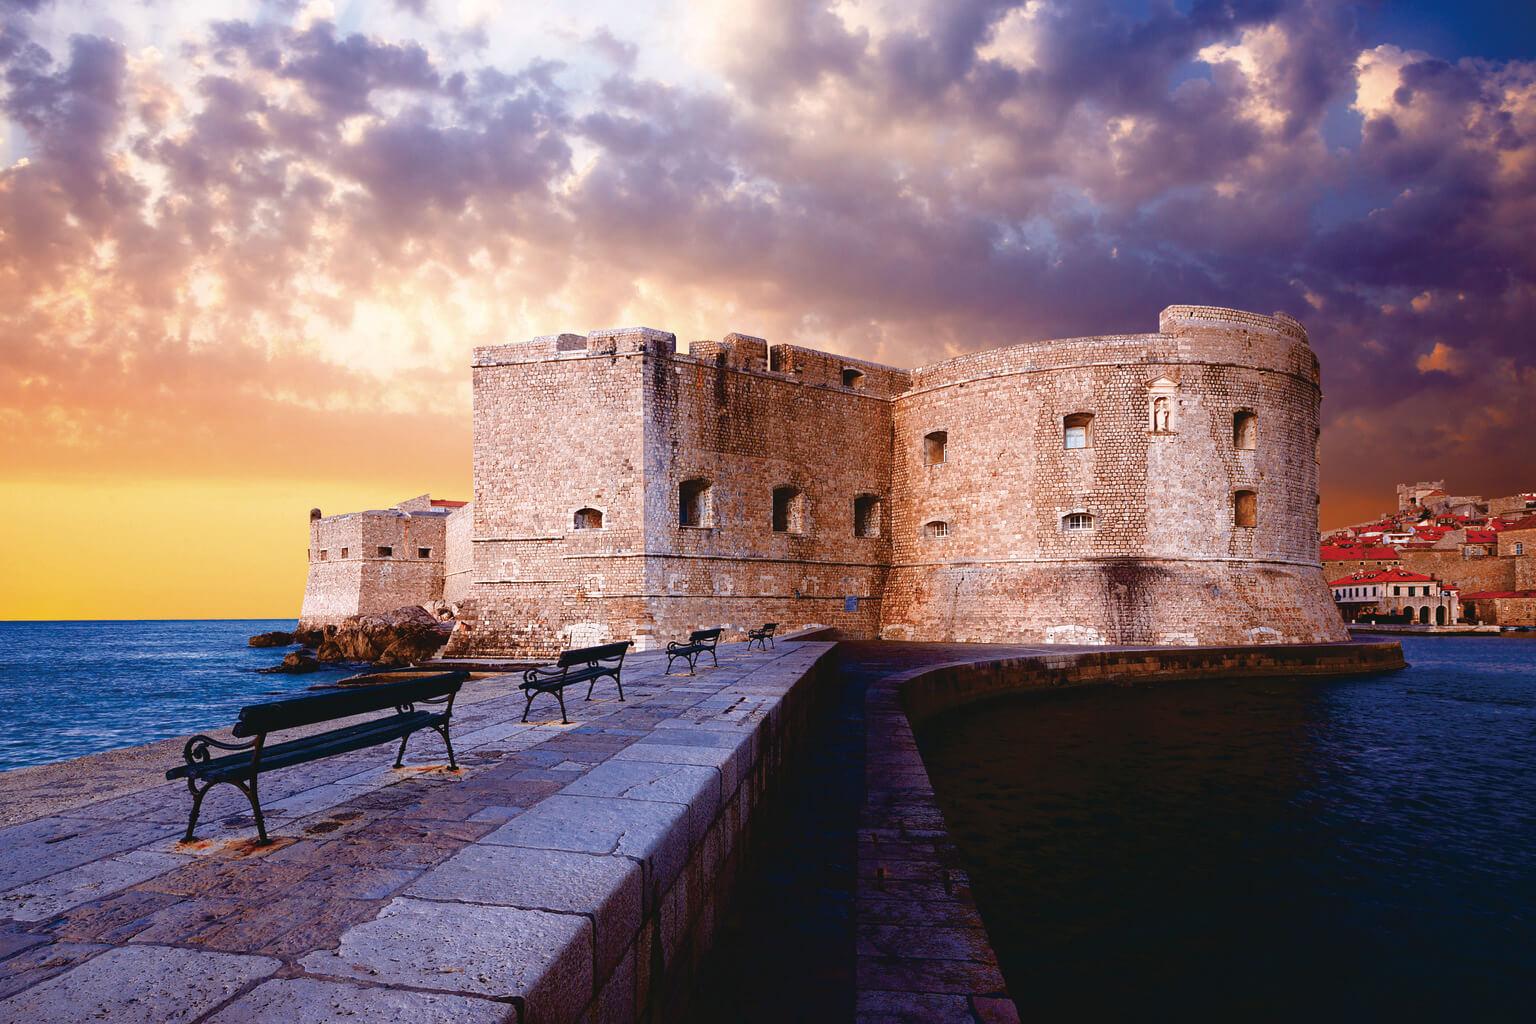 ドゥブロヴニク 聖イヴァン要塞